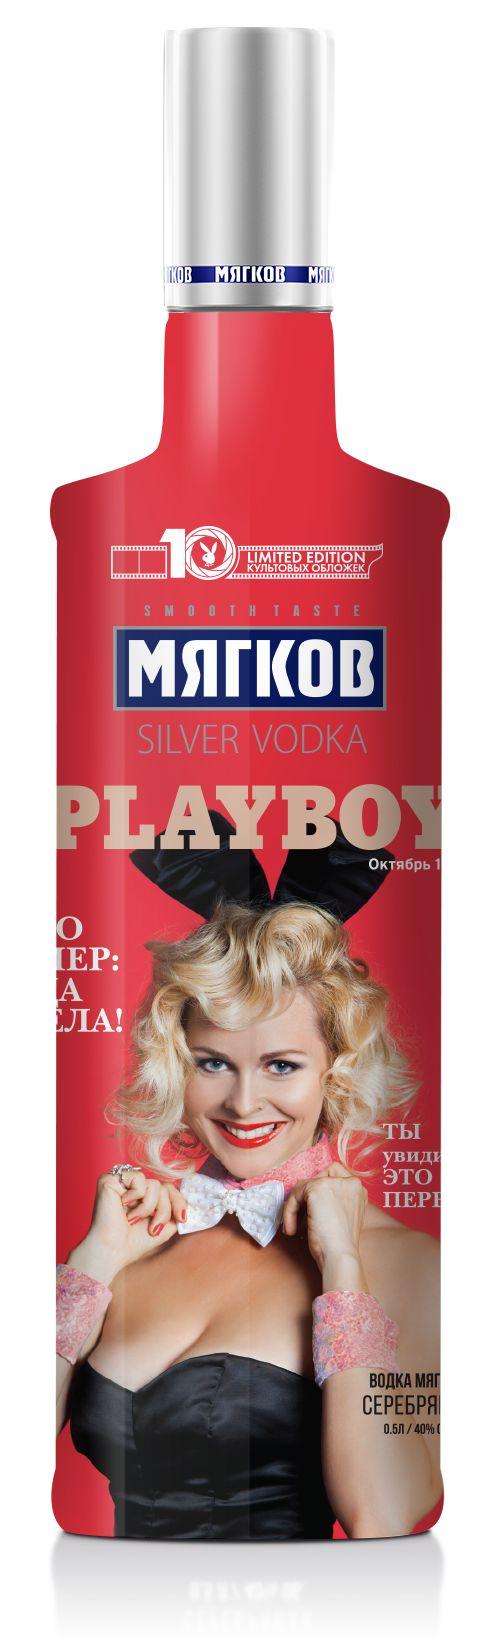 Myagkov Playboy Limited Edition, 1978 year cover remake. Мягков Плейбой Лимитированная серия. Римейк обложки 1978 года. Vodka. Spirits. Водка.